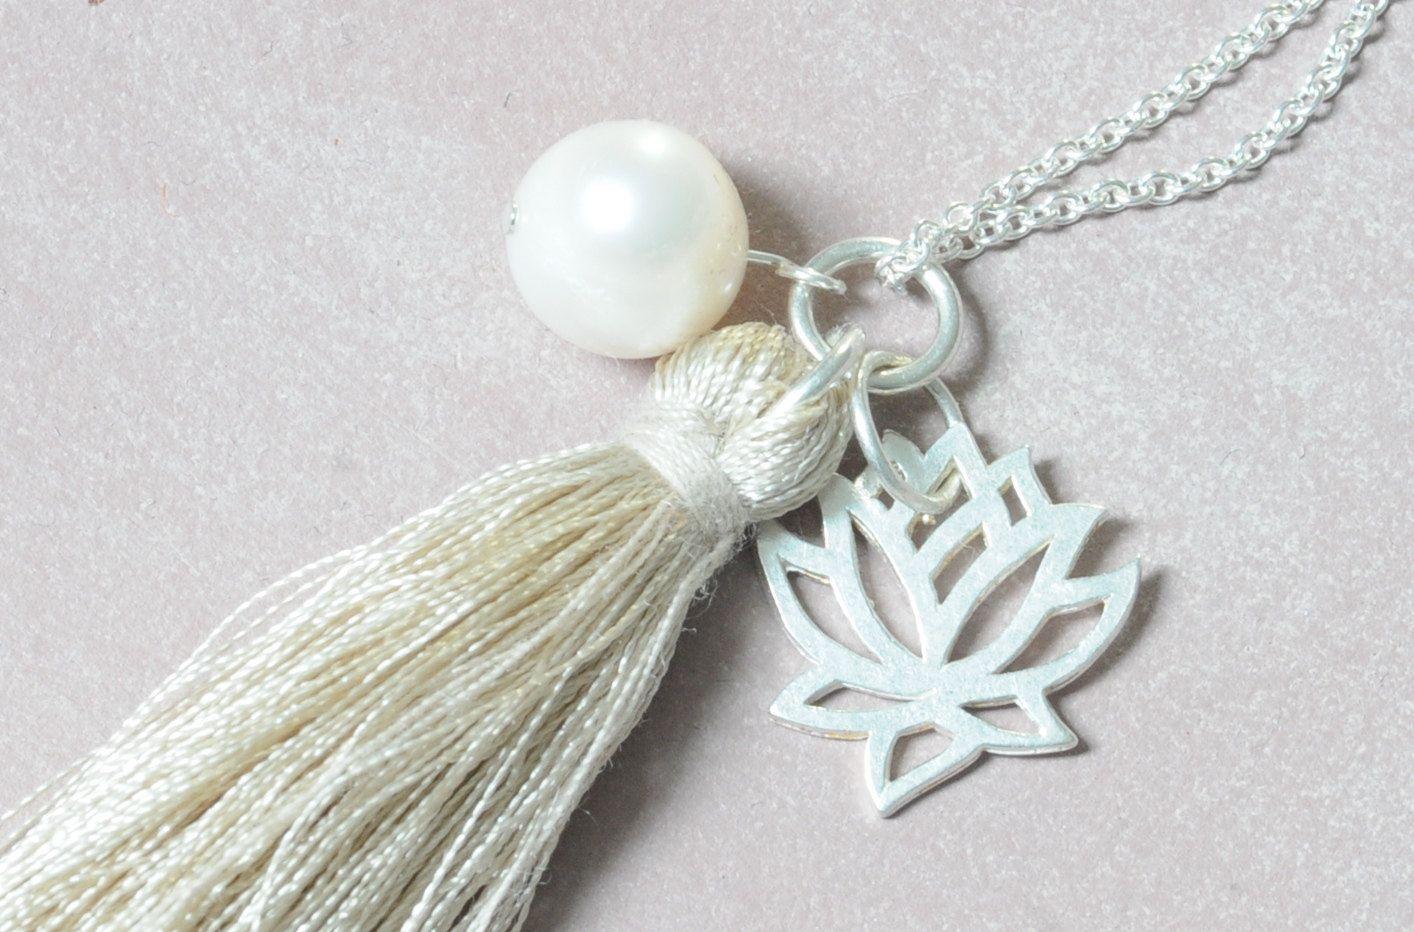 Unikat XL Halskette Quaste Perle Süsswasserperle  925 Silber Echtsilber Silberkette Lotusblüte  handarbeit Silberkette Perle von Werkstoff auf Etsy